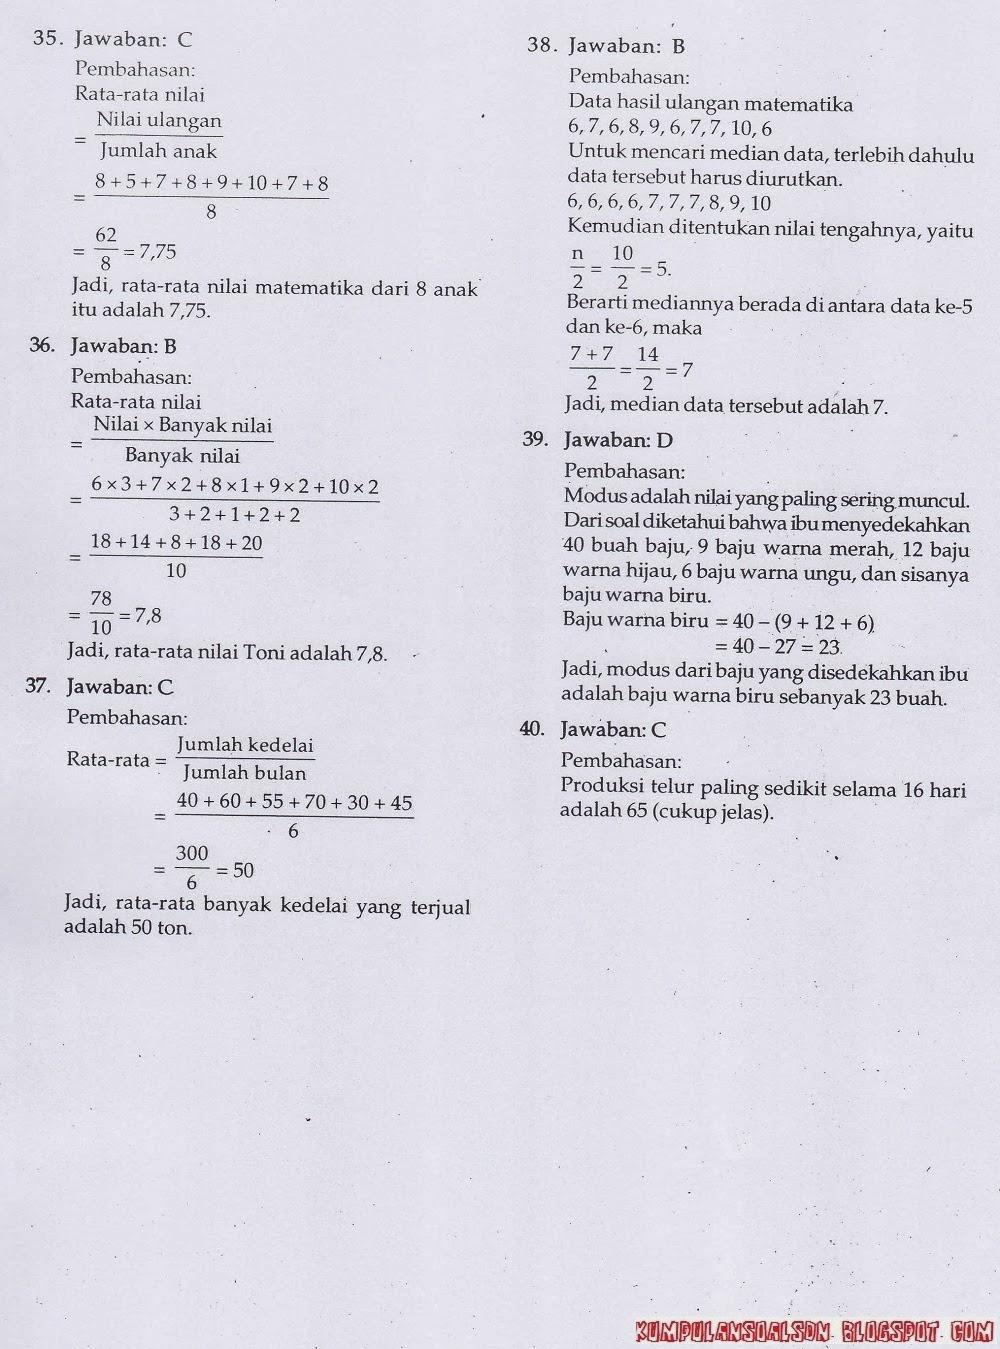 Soal Bahasa Inggris Kelas 10 Semester 1 & 2 Kurikulum 2013 Terbaru